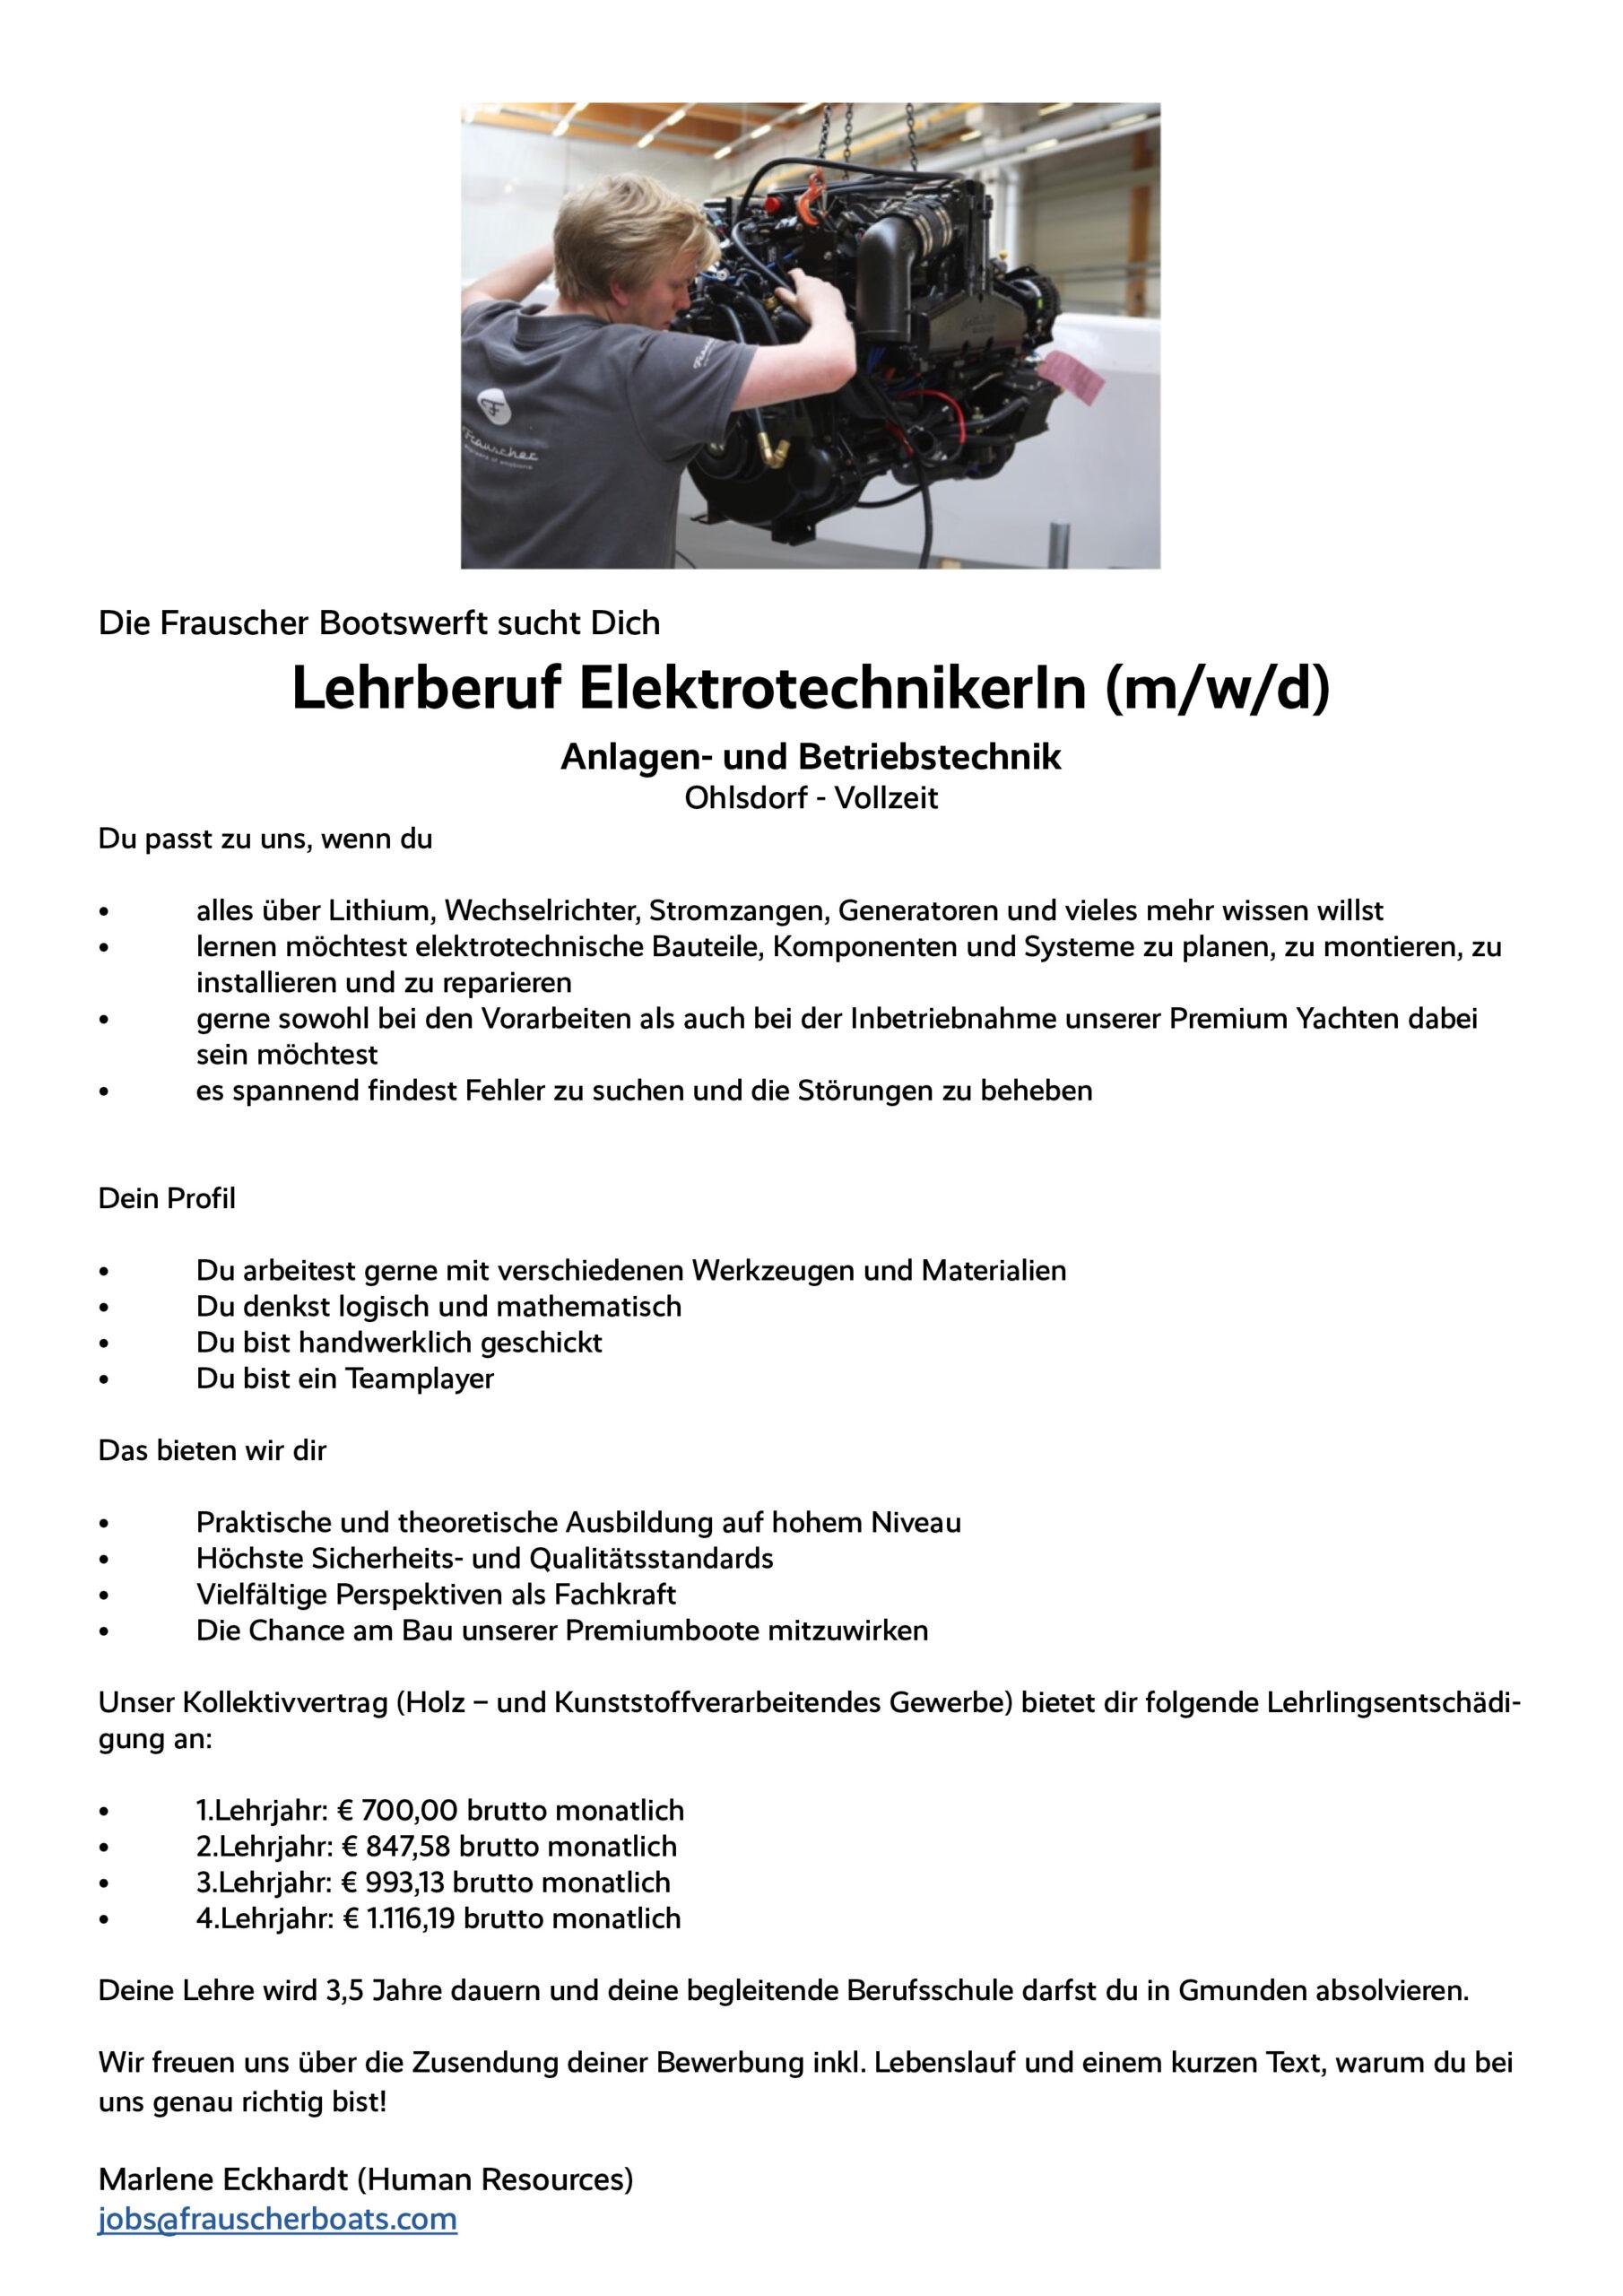 Stellenangebot: Lehrberuf ElektrotechnikerIn